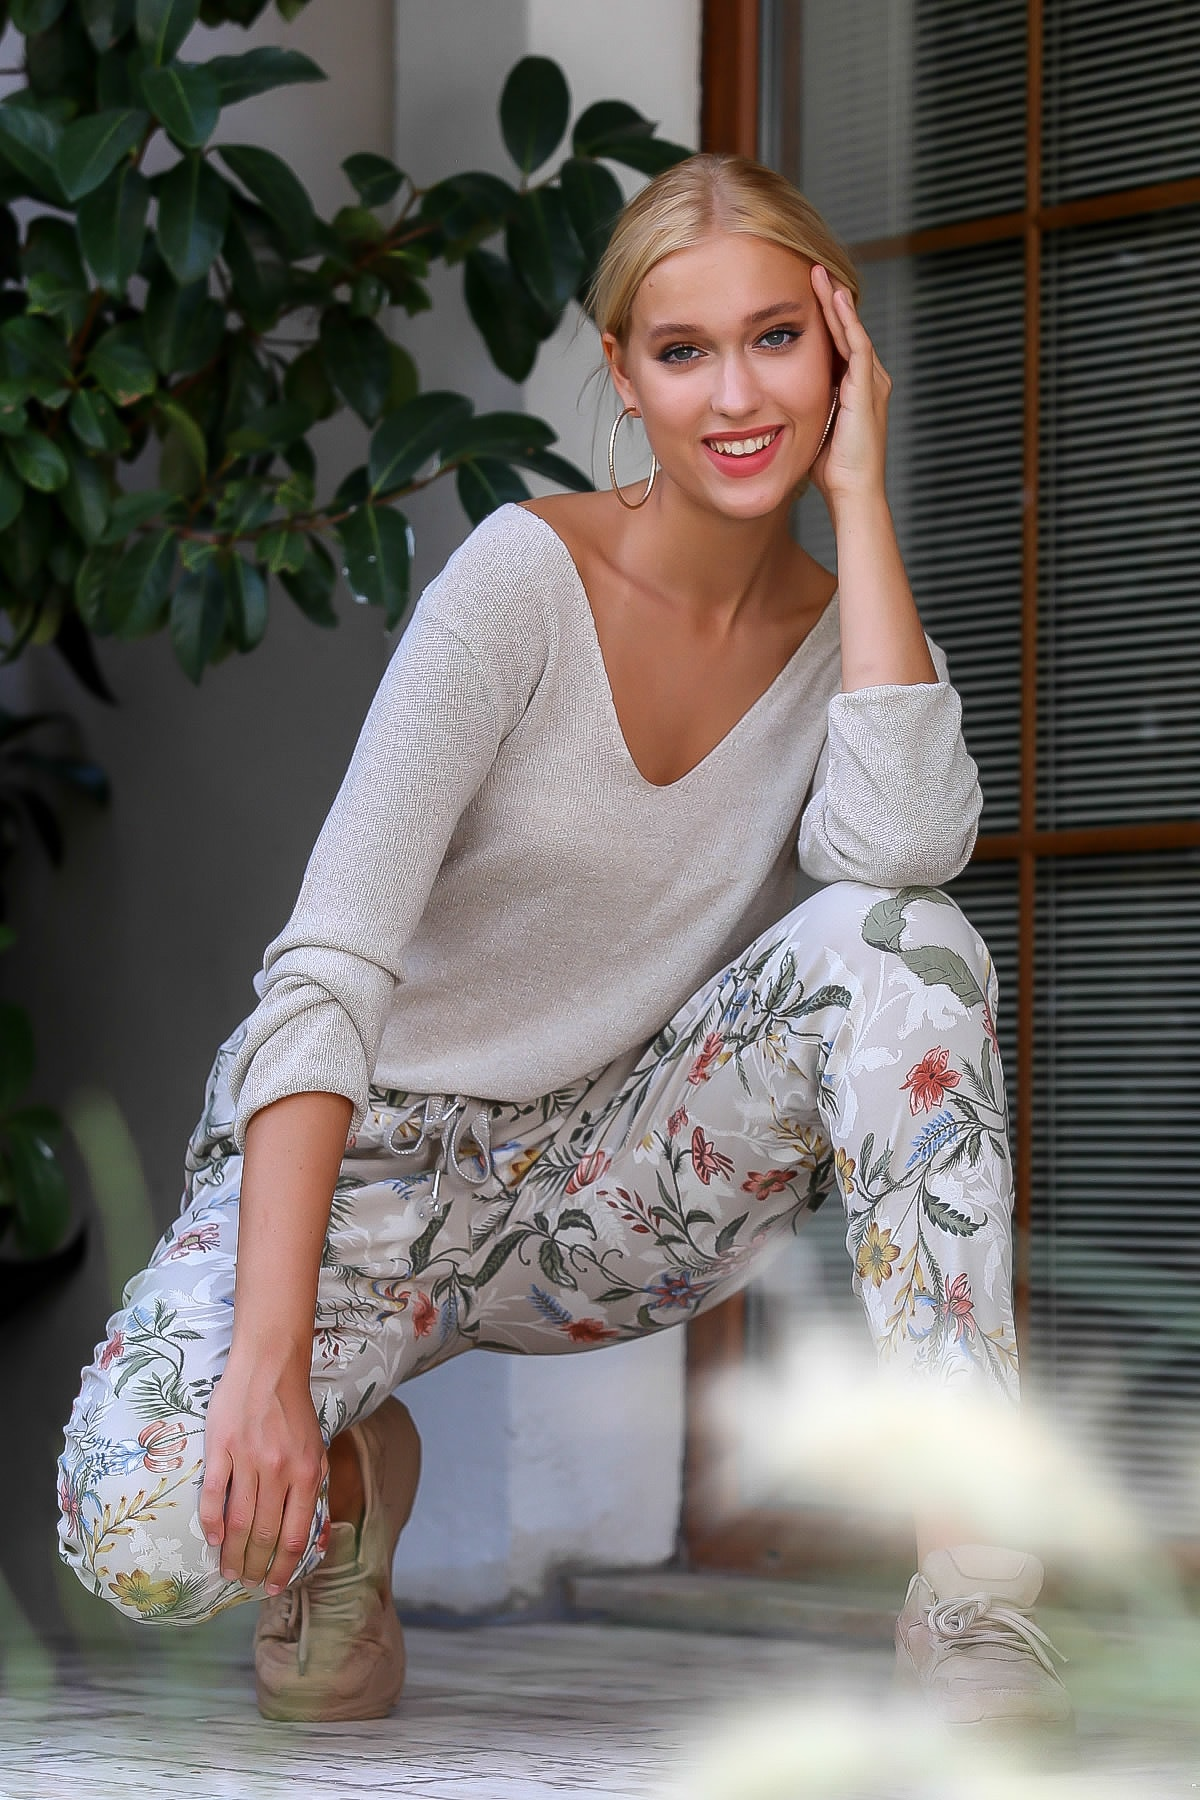 Chiccy Kadın Krem İtalyan Çiçek Desenli Cepli Beli Simli Kordonlu Dokuma Pantolon M10060000PN98706